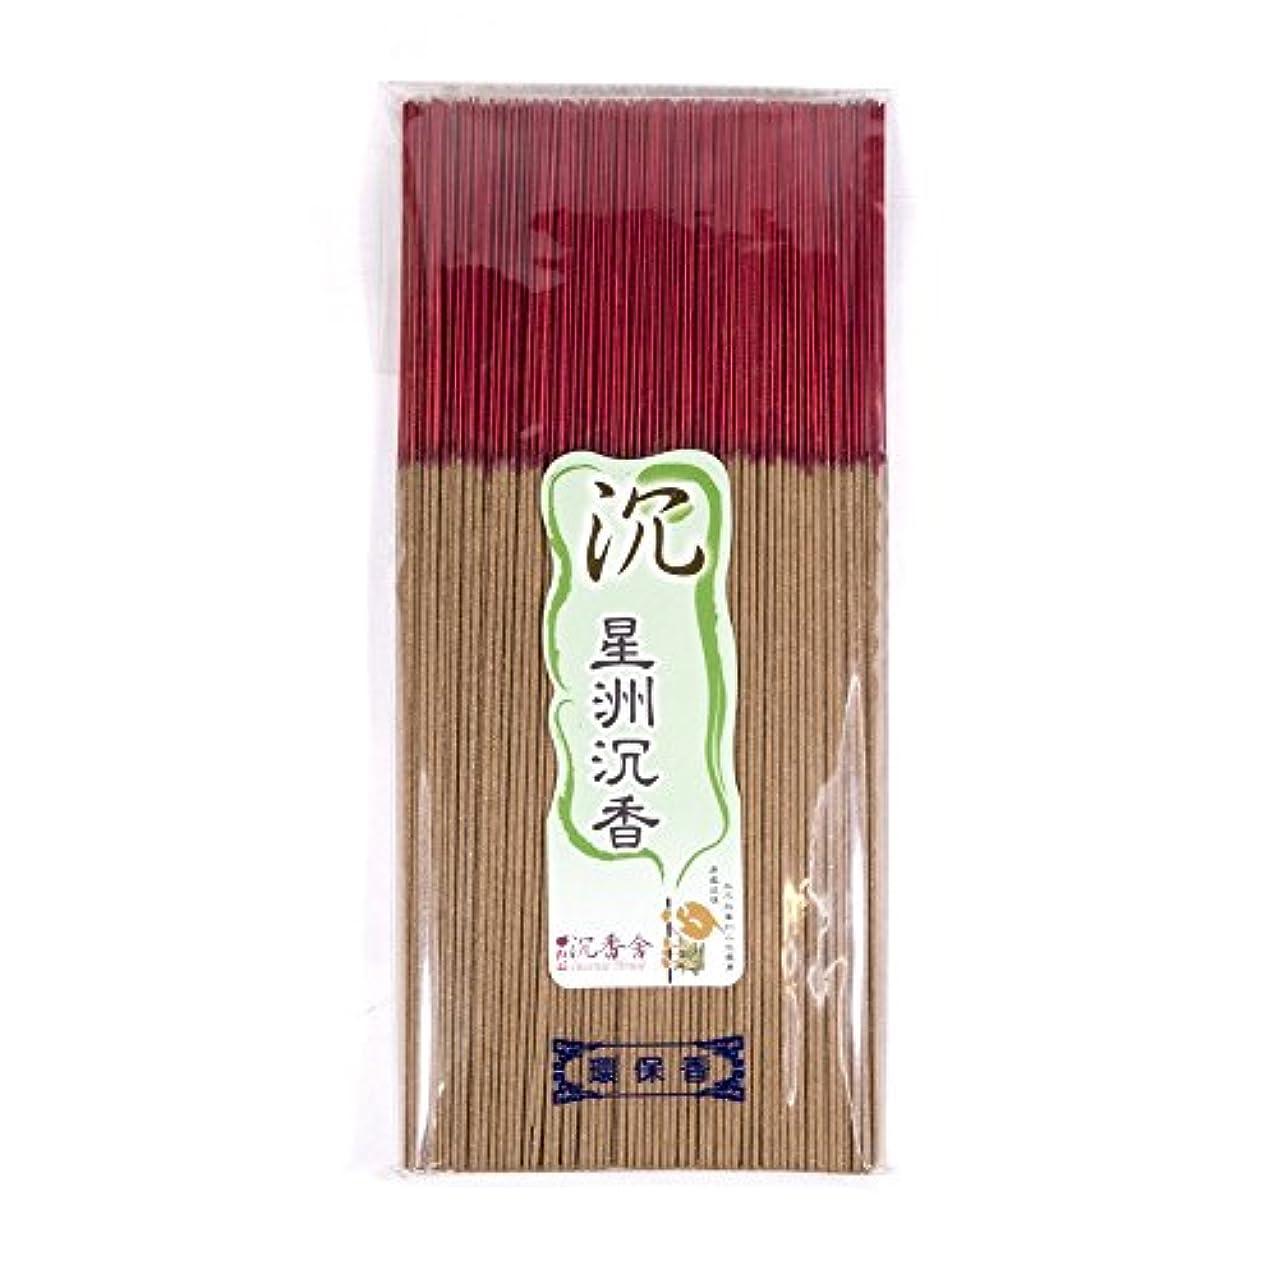 レクリエーションコショウ干渉する台湾沉香舍 星洲沈香 台湾のお香家 - 沈香 30cm (木支香) 300g 約400本